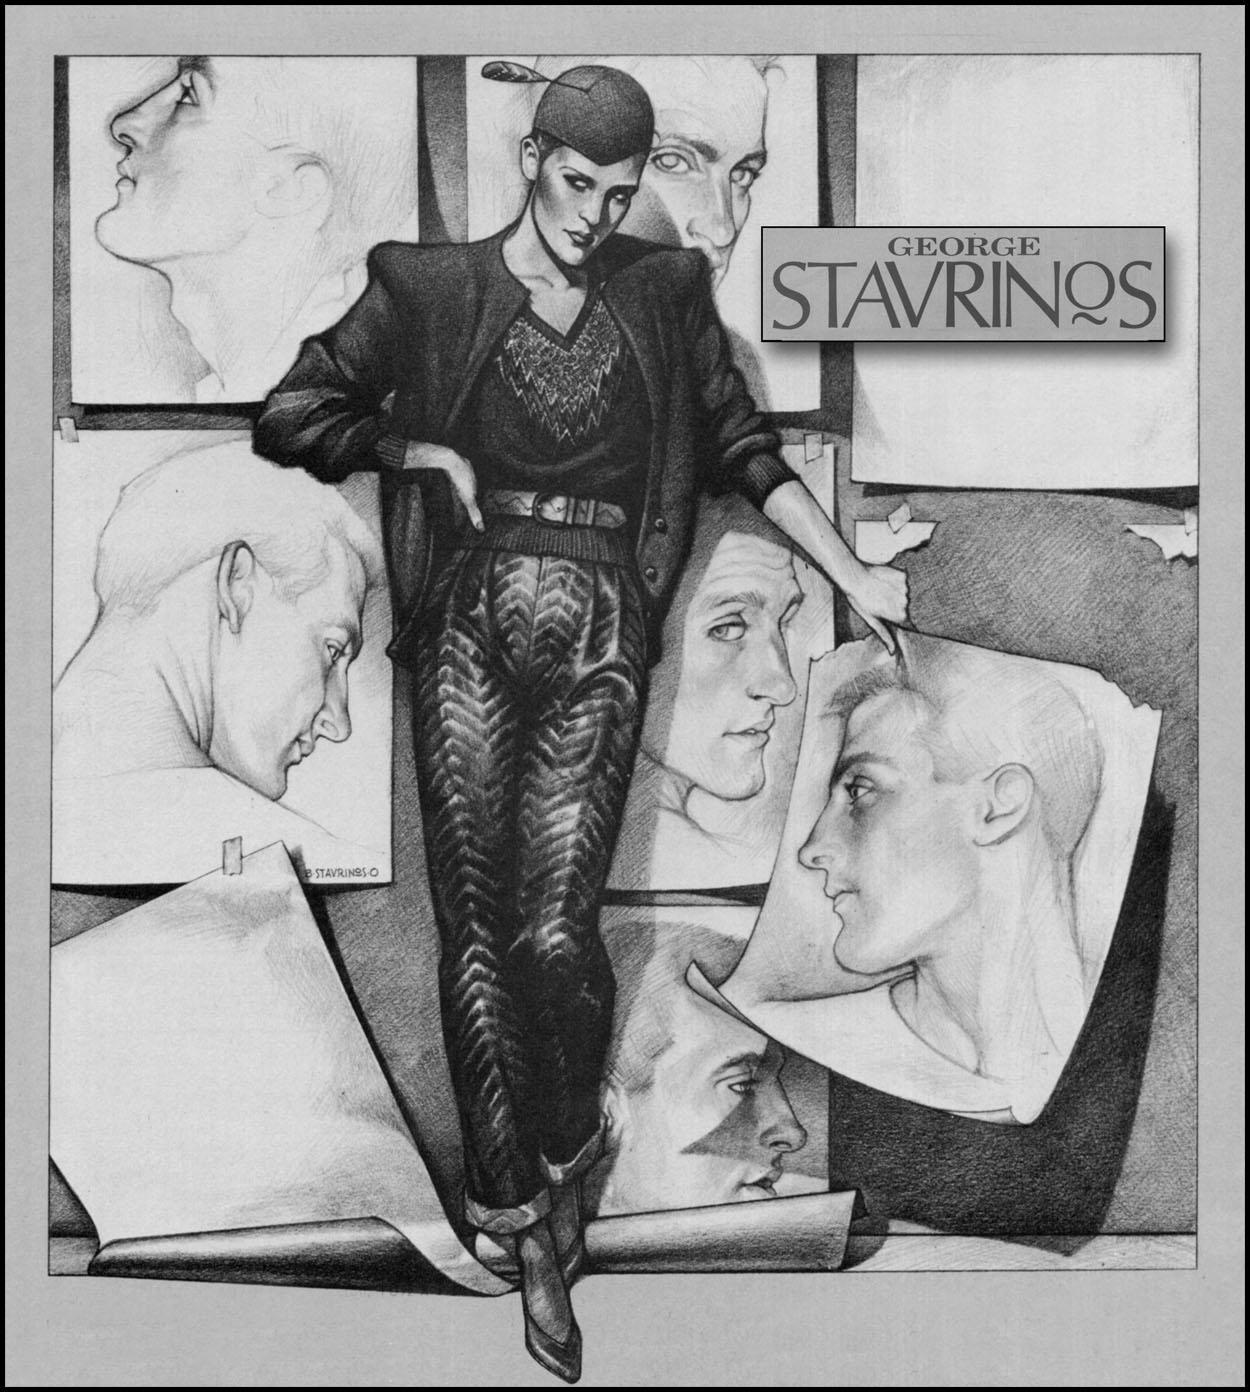 Las ilustraciones de George Stavrinos